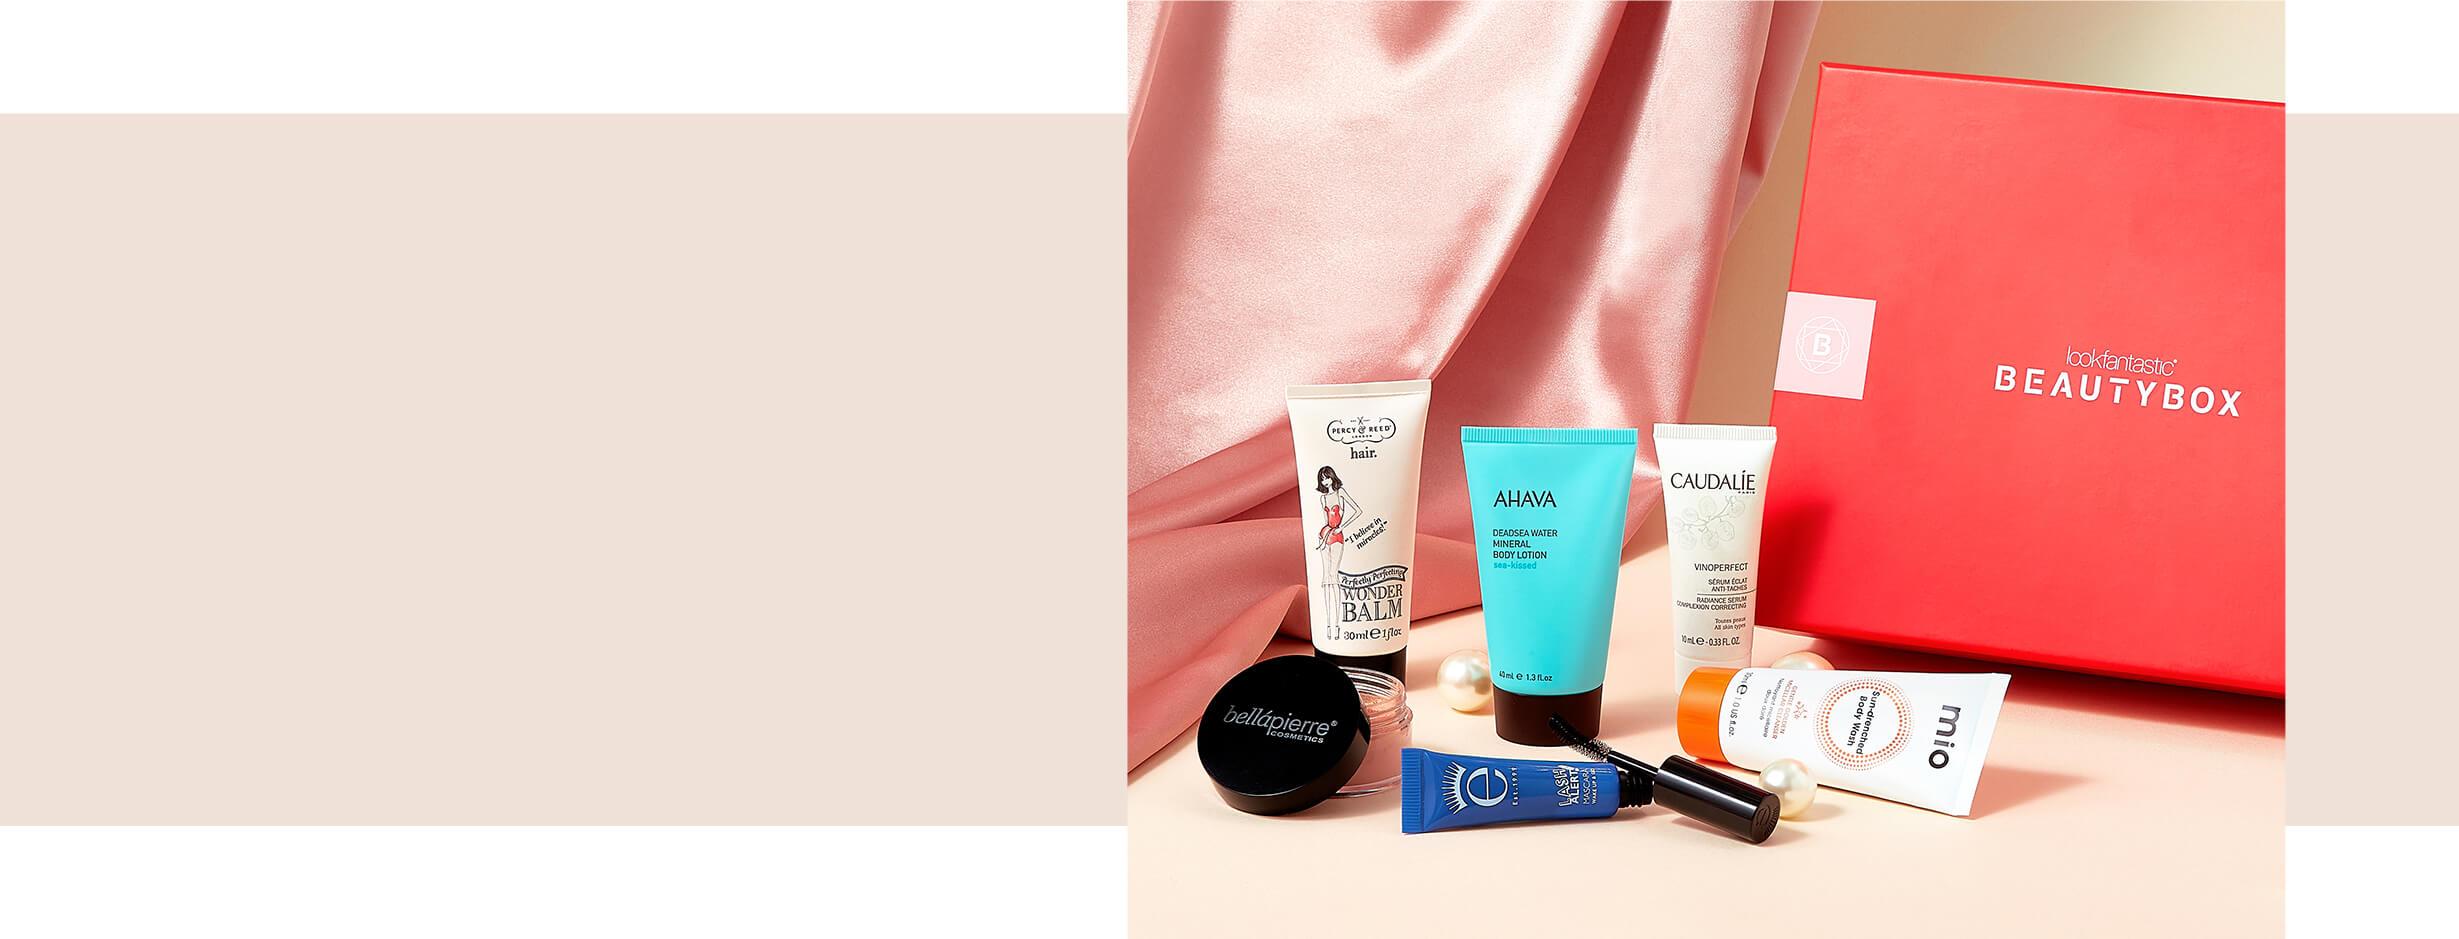 Beauty Box July Edit